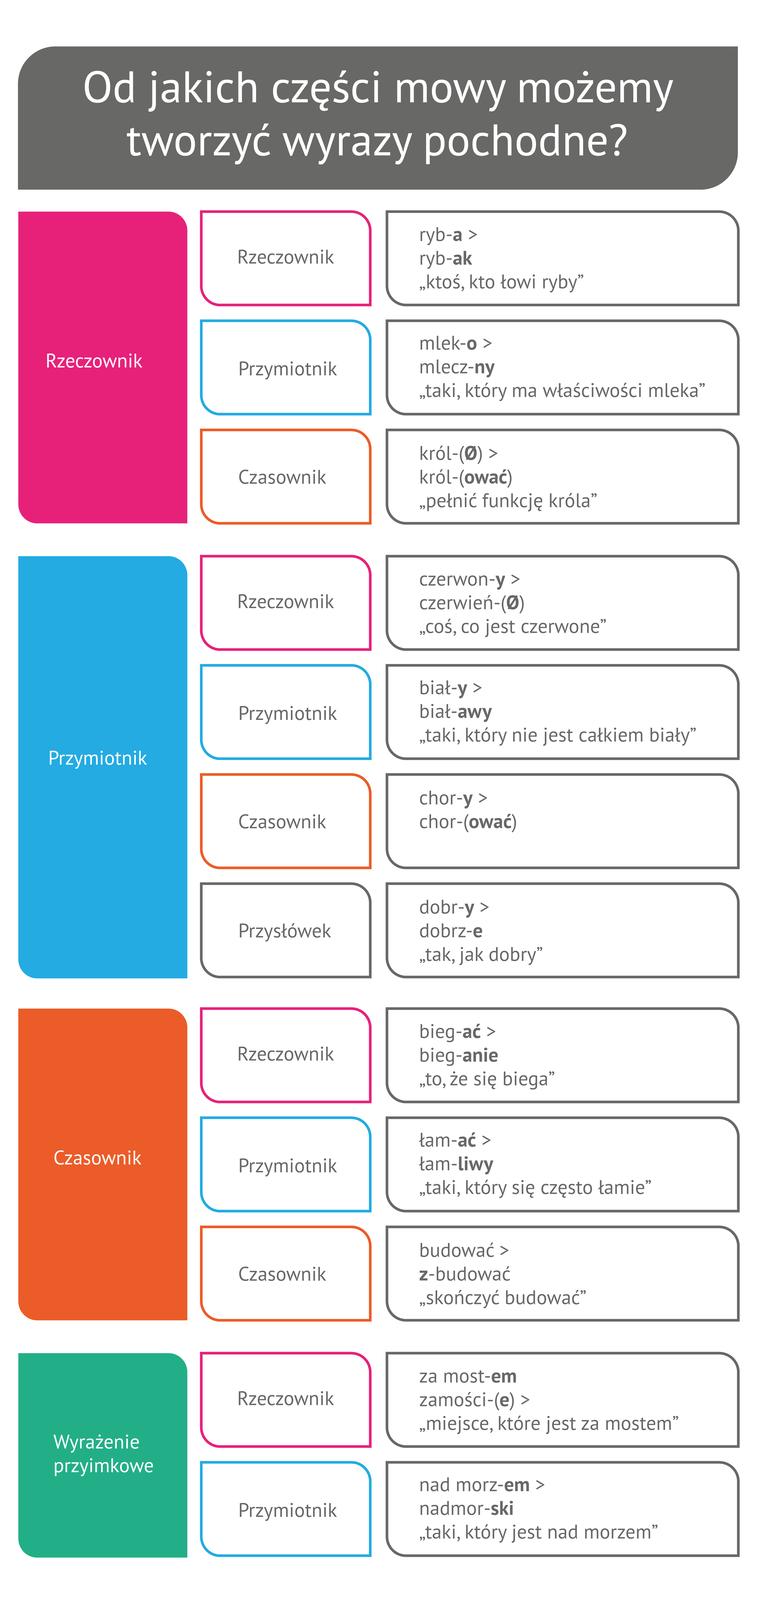 (G3.G.9) Od jakich części mowy możemy tworzyć wyrazy pochodne